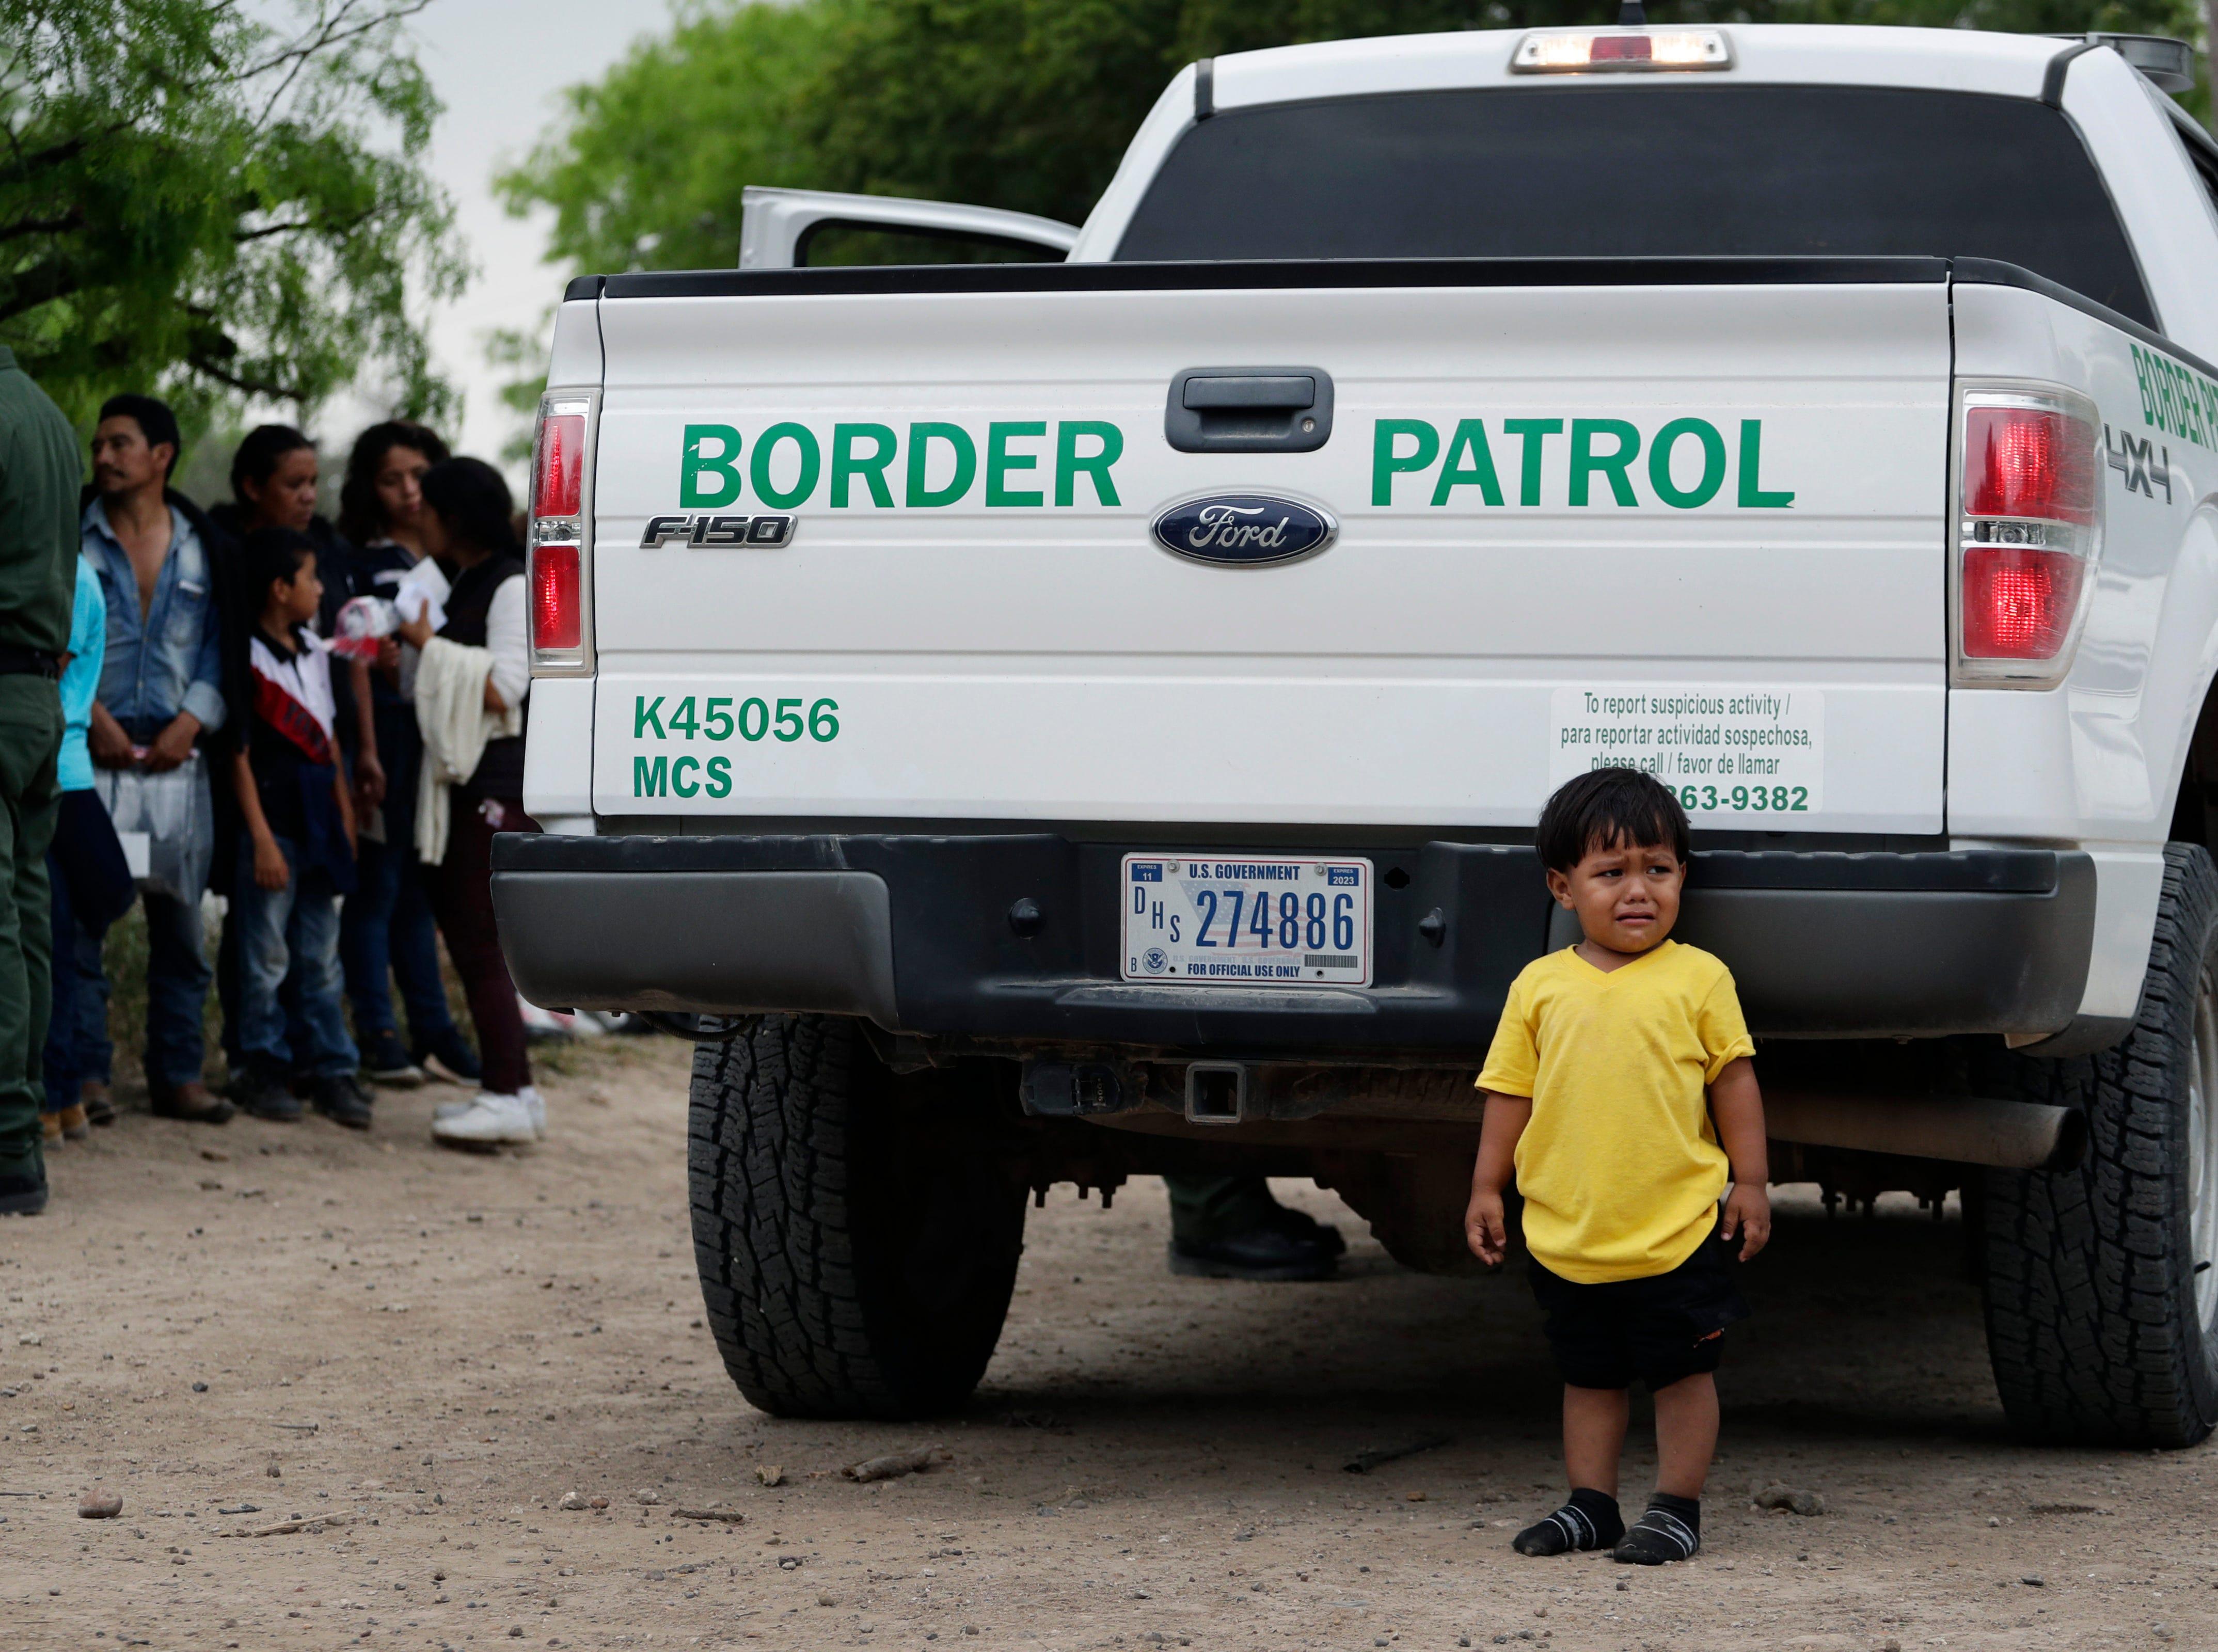 Todos los días llegan a la frontera menores con fiebre, resfríos y gripe, acompañados por sus padres, y a veces esperan horas a que los recoja la Patrulla de Fronteras.